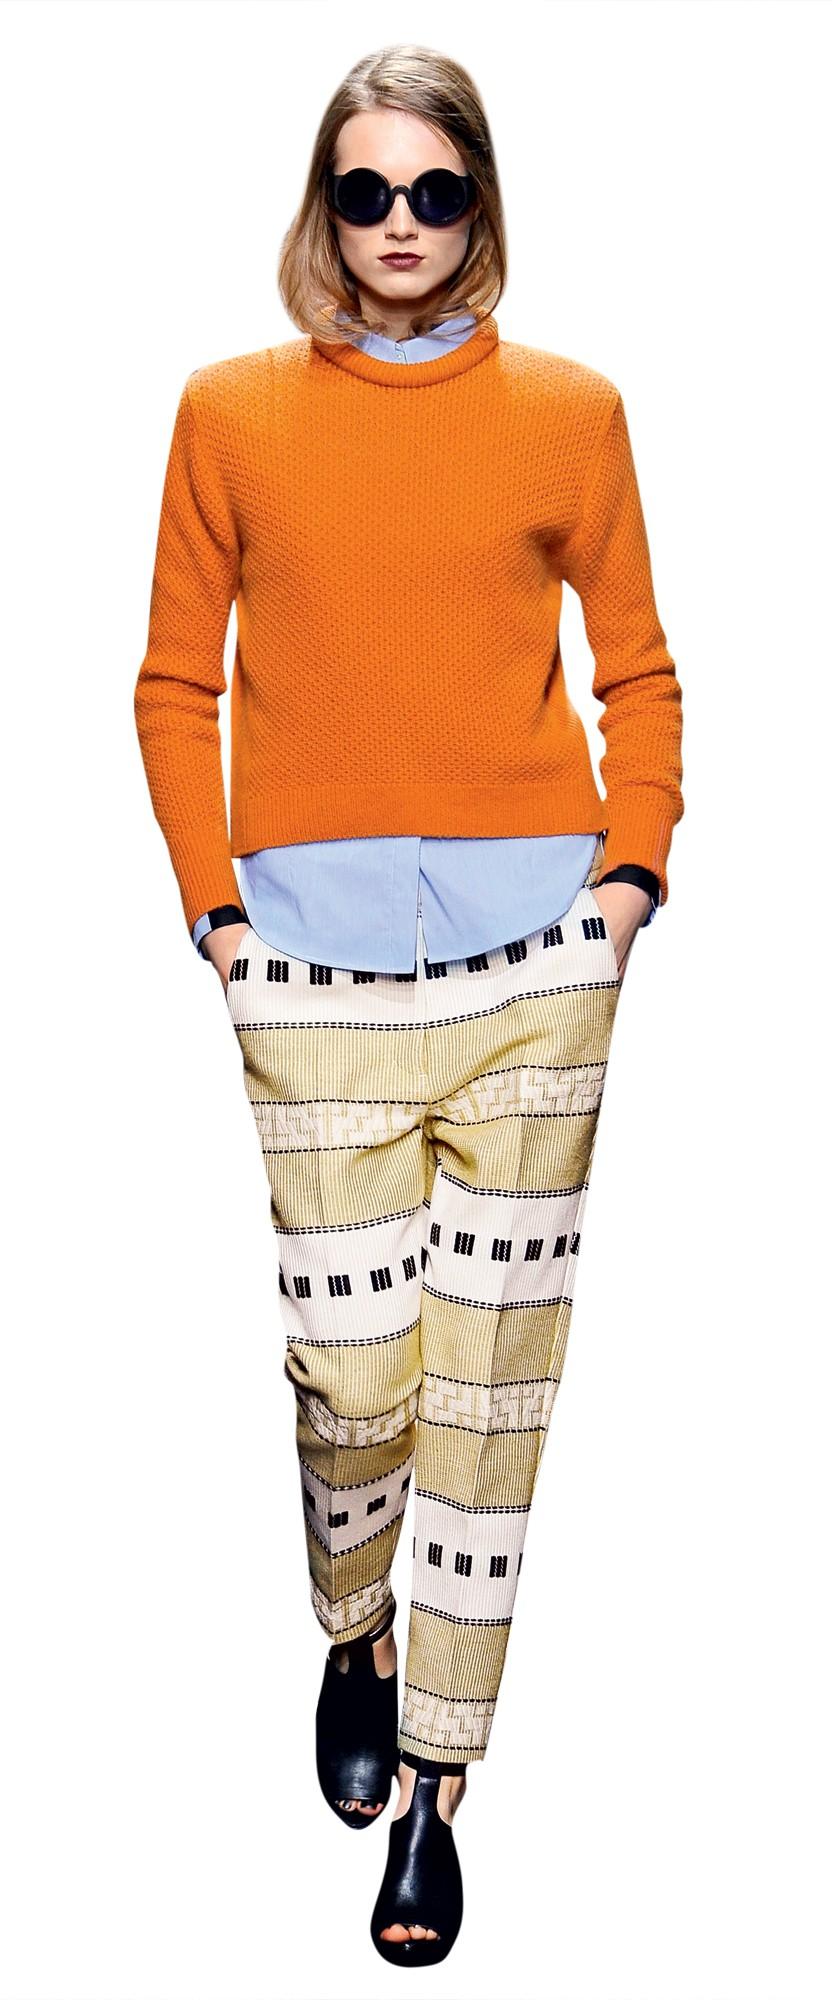 Pulover za vsak dan (foto: primož predalič, profimedia, promocijsko gradivo)